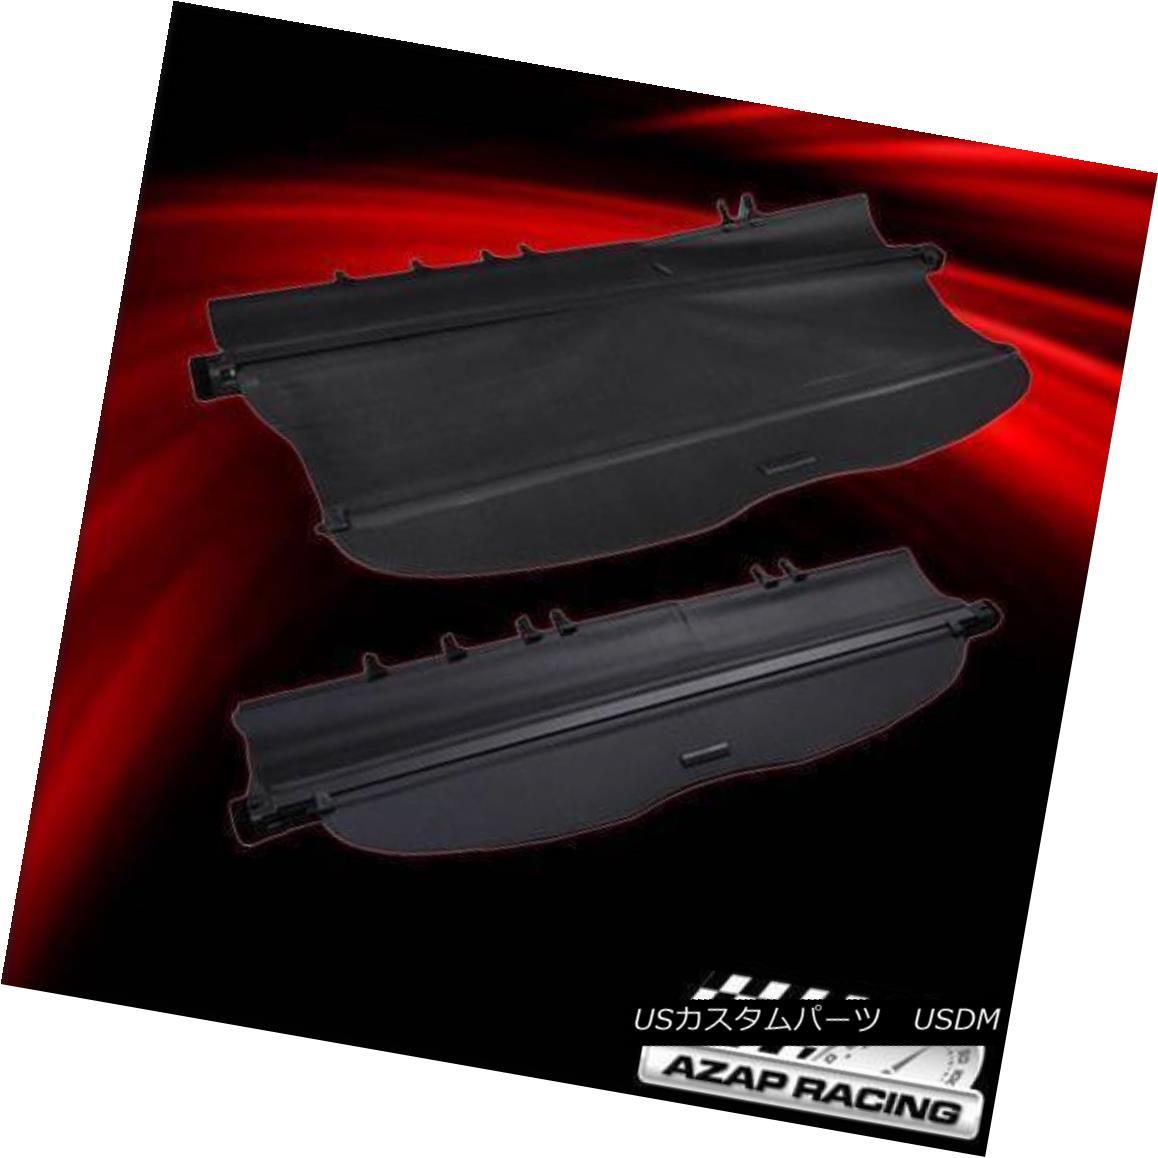 エアロパーツ 08-12 OE Factory Black Rear Cargo Secutiry Trunk Cover Fits Toyota Highlander 08-12 OEファクトリーBlack Rear CargoセキュリティトランクカバーはToyota Highlanderに適合